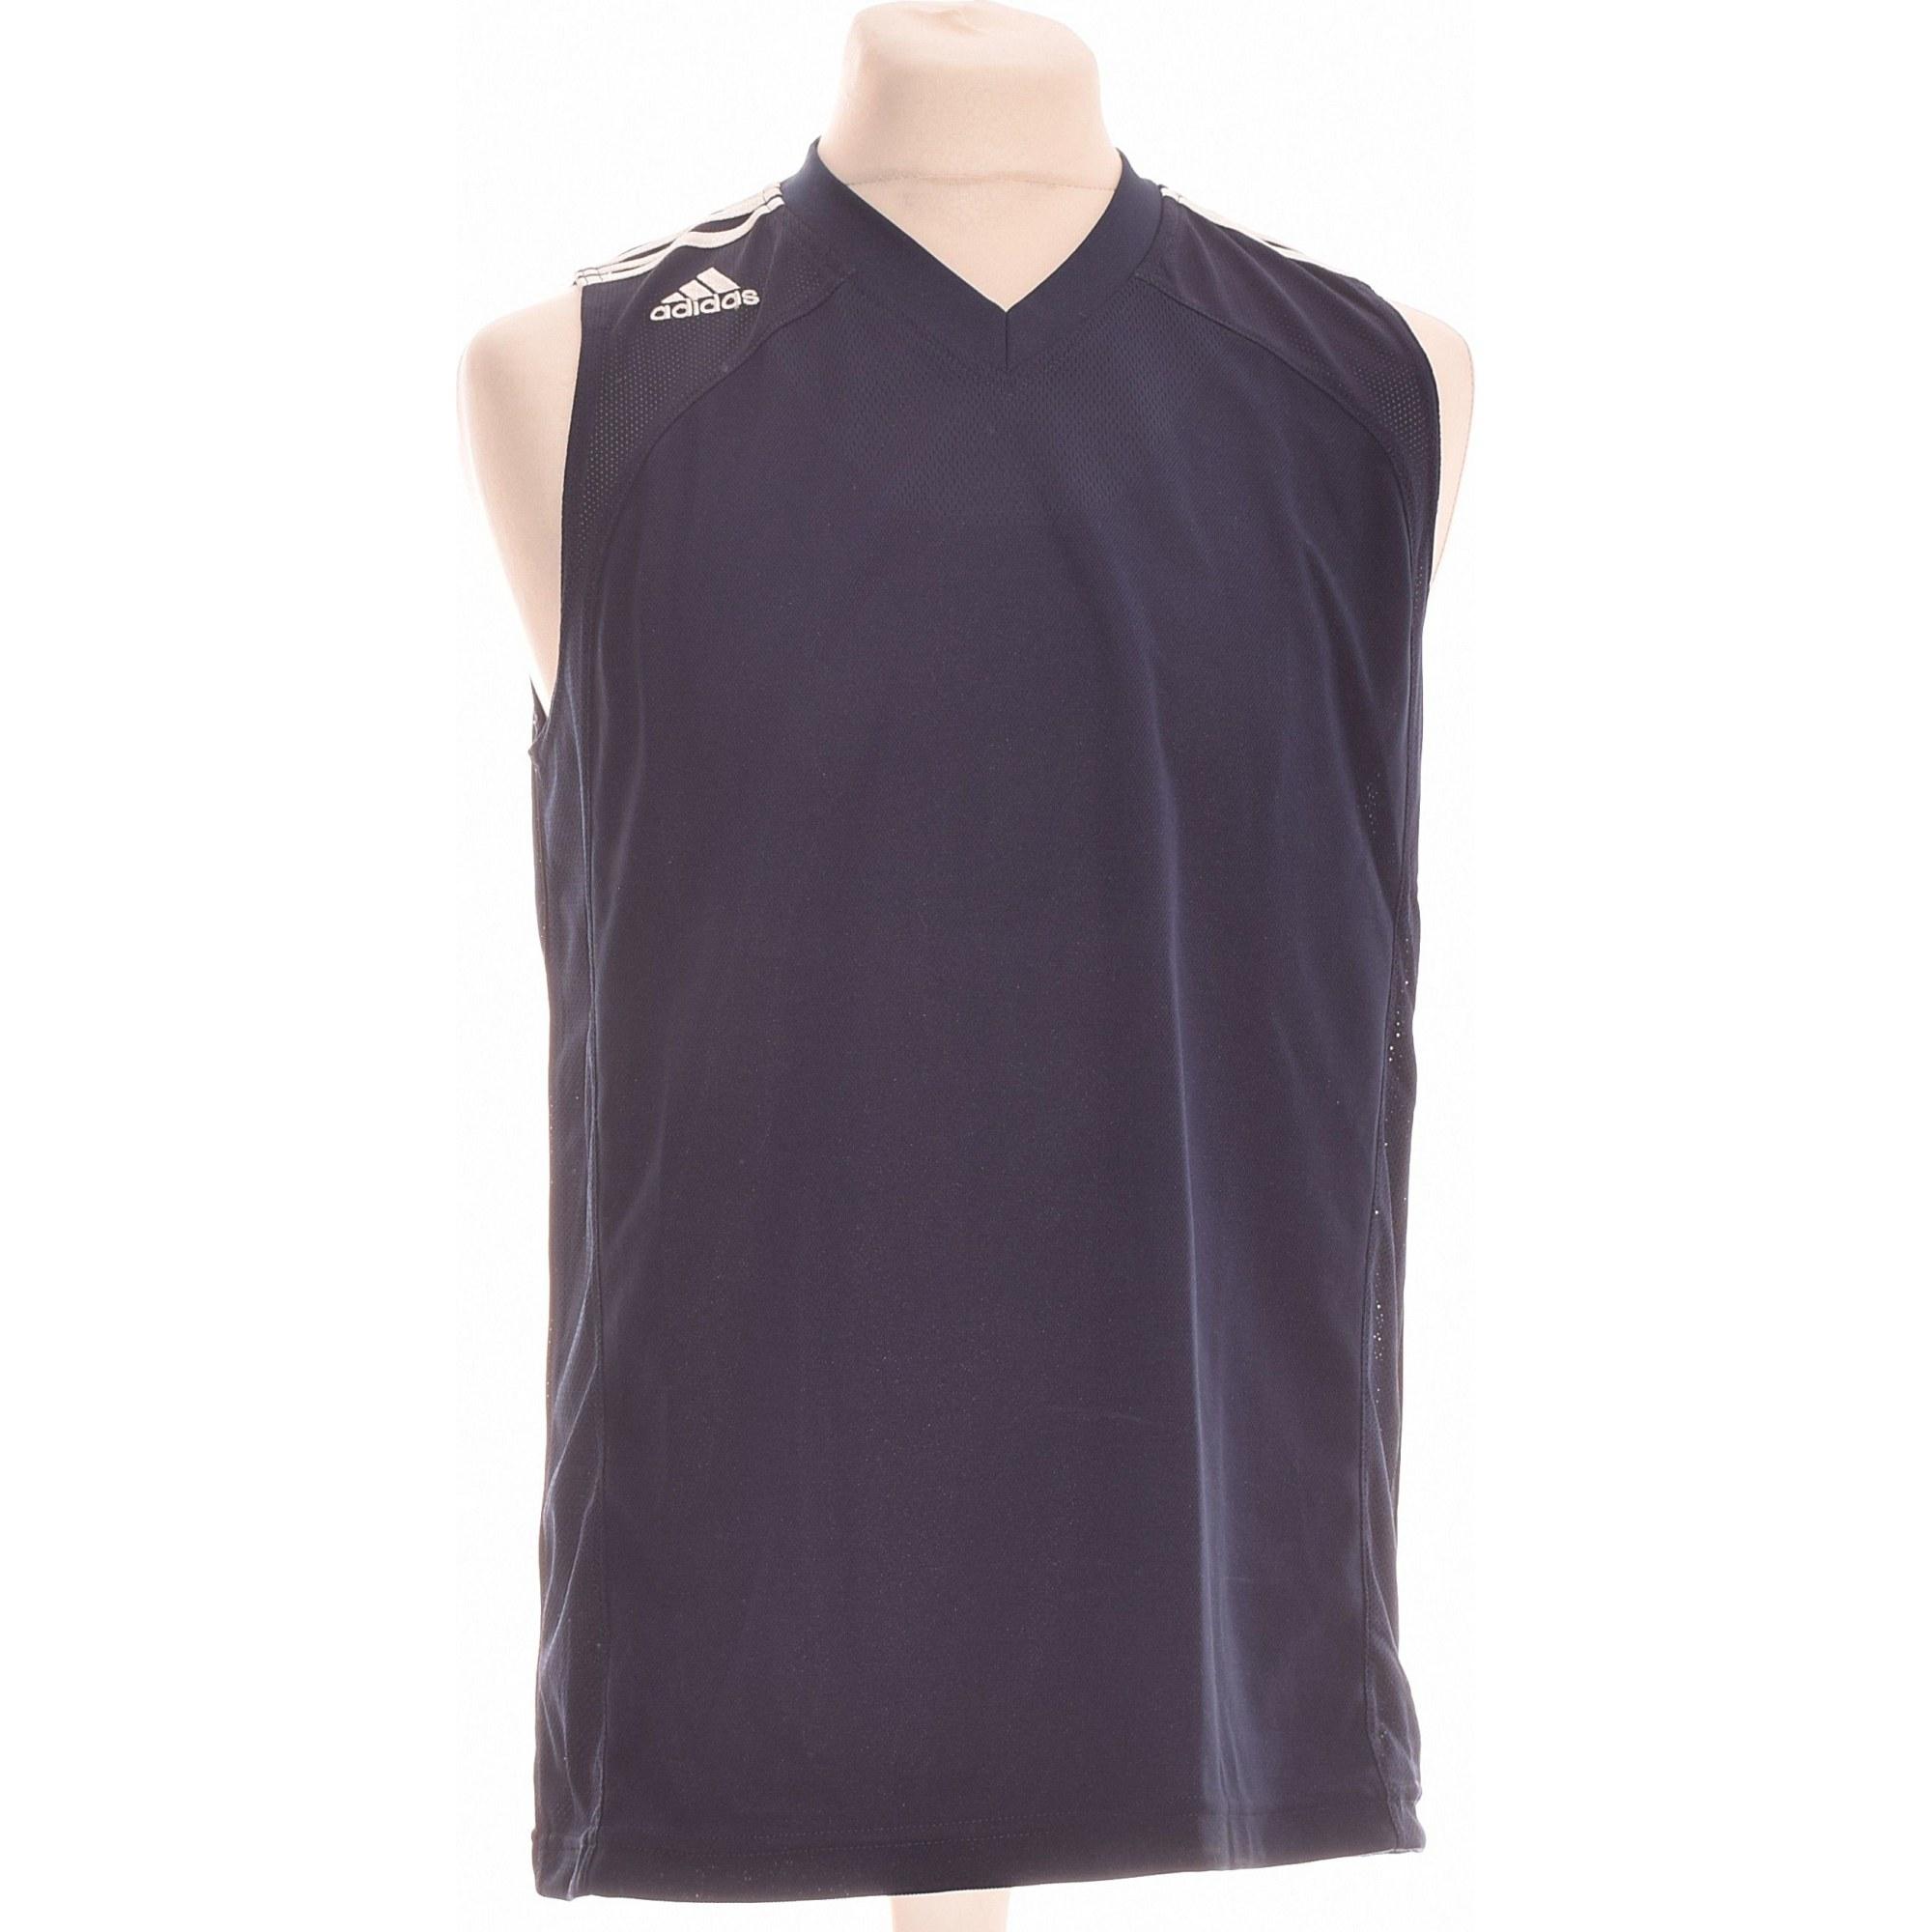 T-Shirts ADIDAS Blau, marineblau, türkisblau